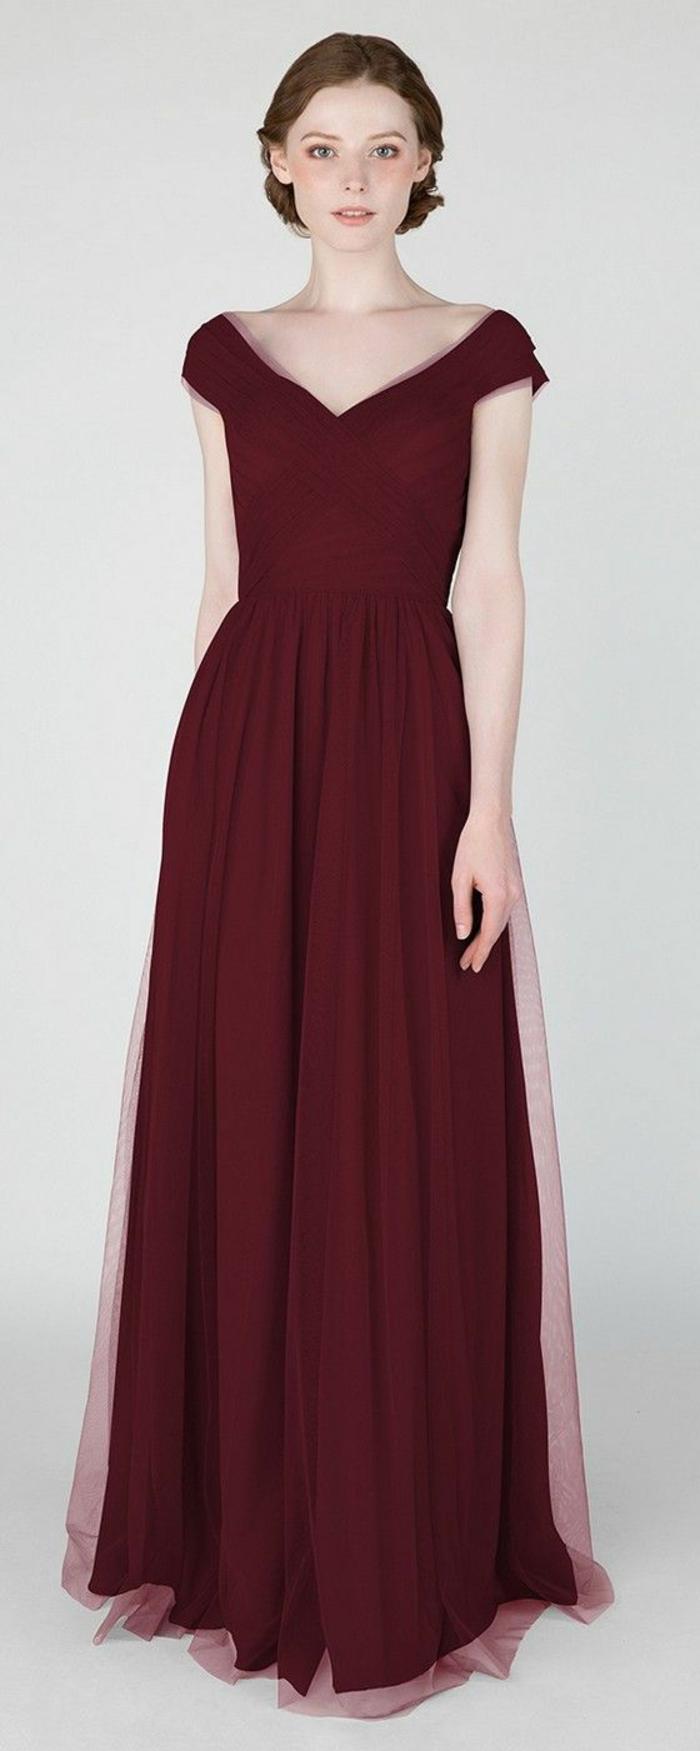 vestidos para ir de boda, vestido largo de madrina, color vino, falda con tul, escote cisne, cintura imperio